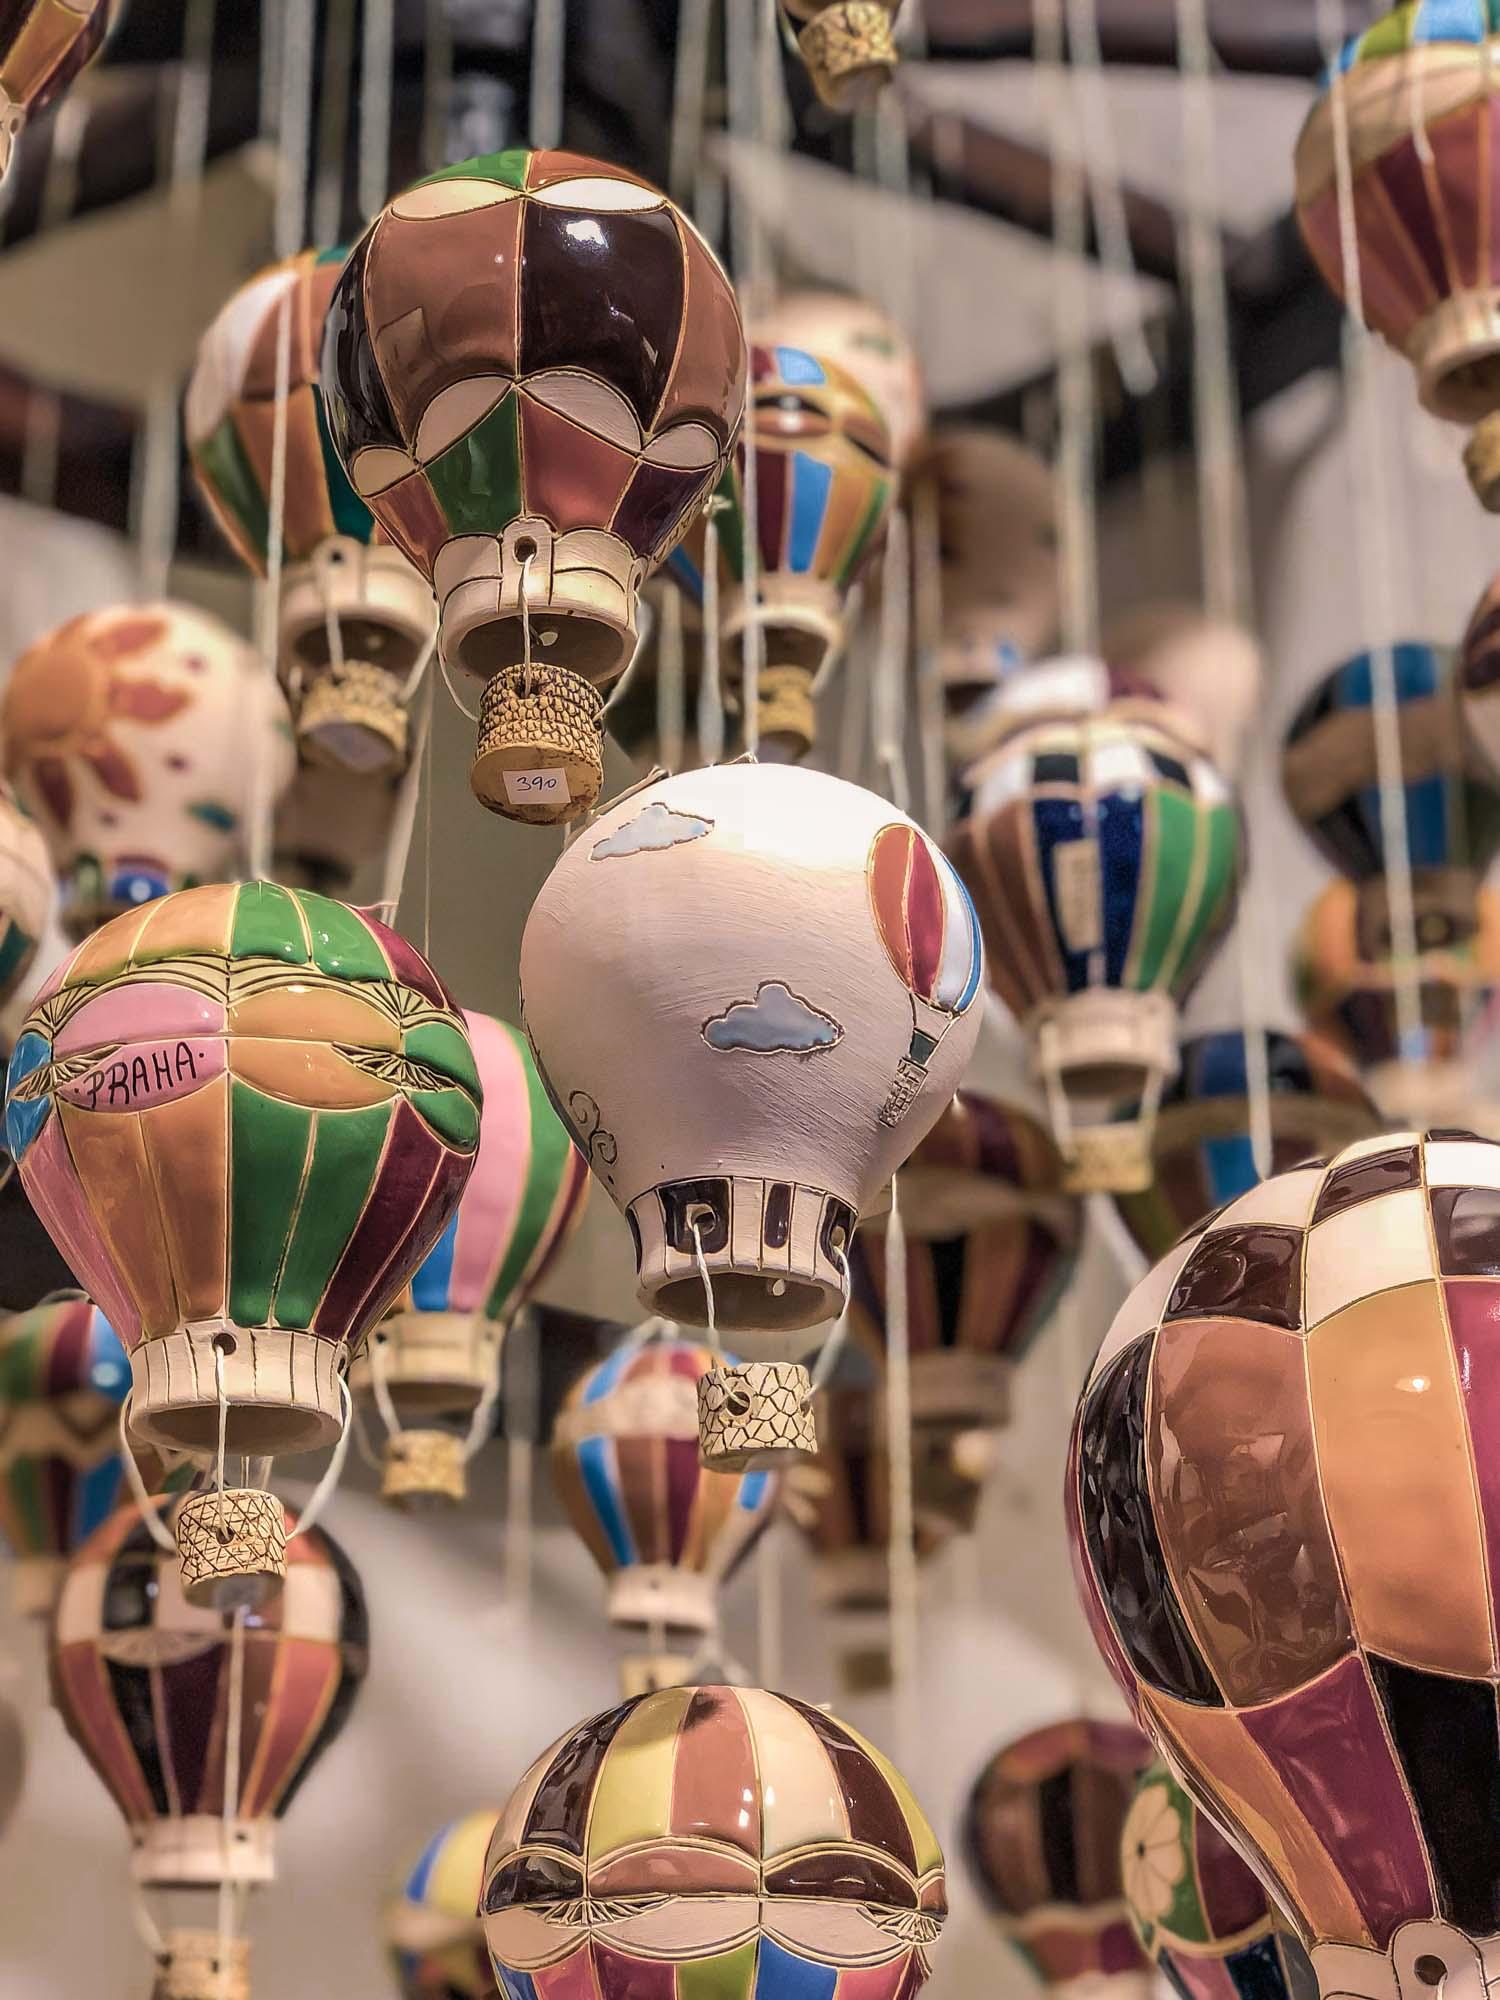 Des montgolfières suspendues à l'aide d'un fil